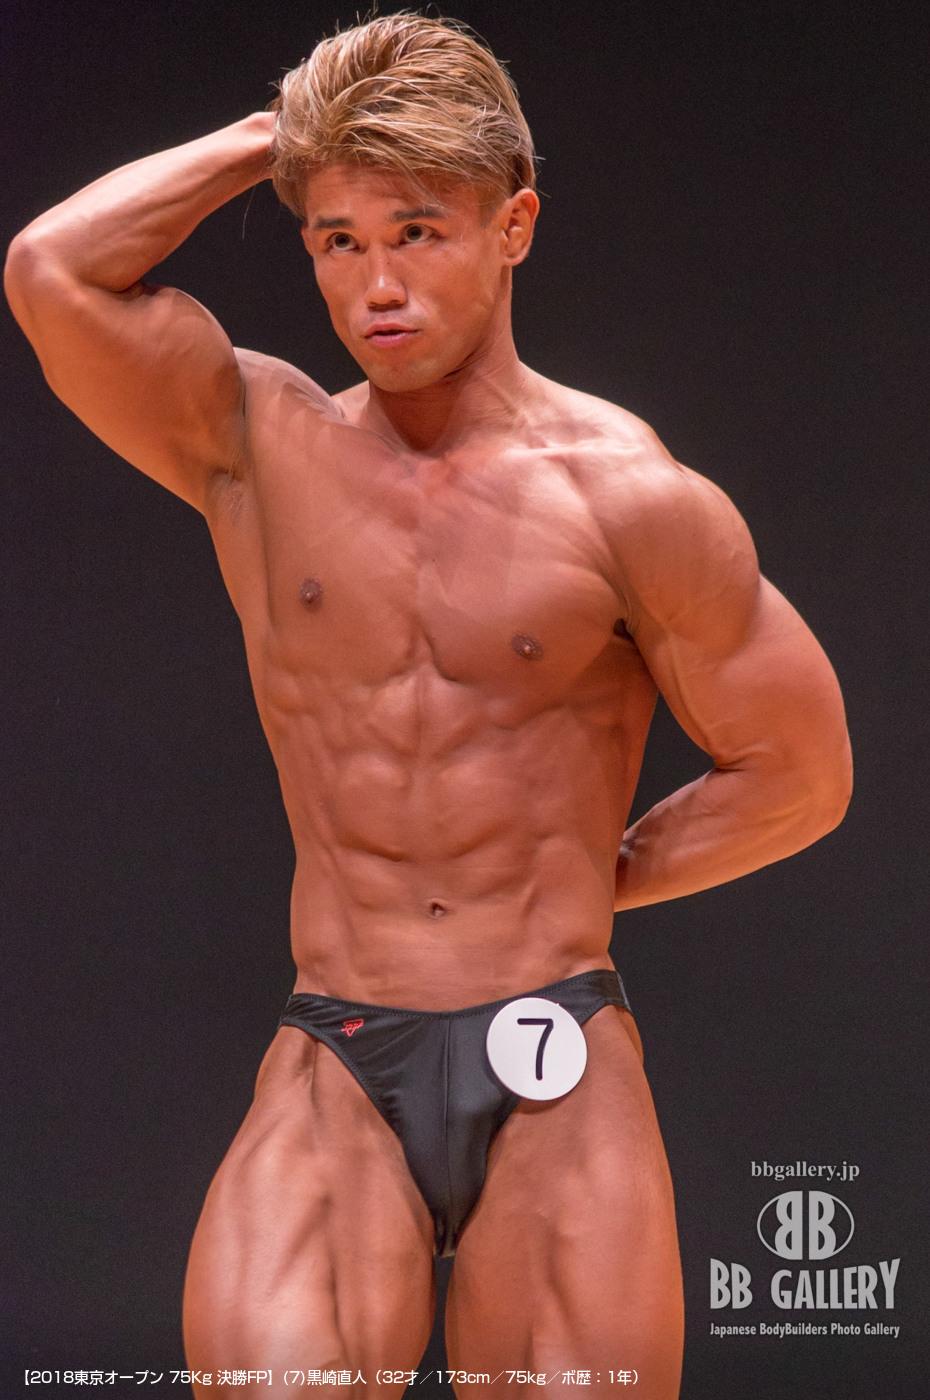 【2018東京オープン 75Kg 決勝FP】(7)黒崎直人(32才/173cm/75kg/ボ歴:1年)